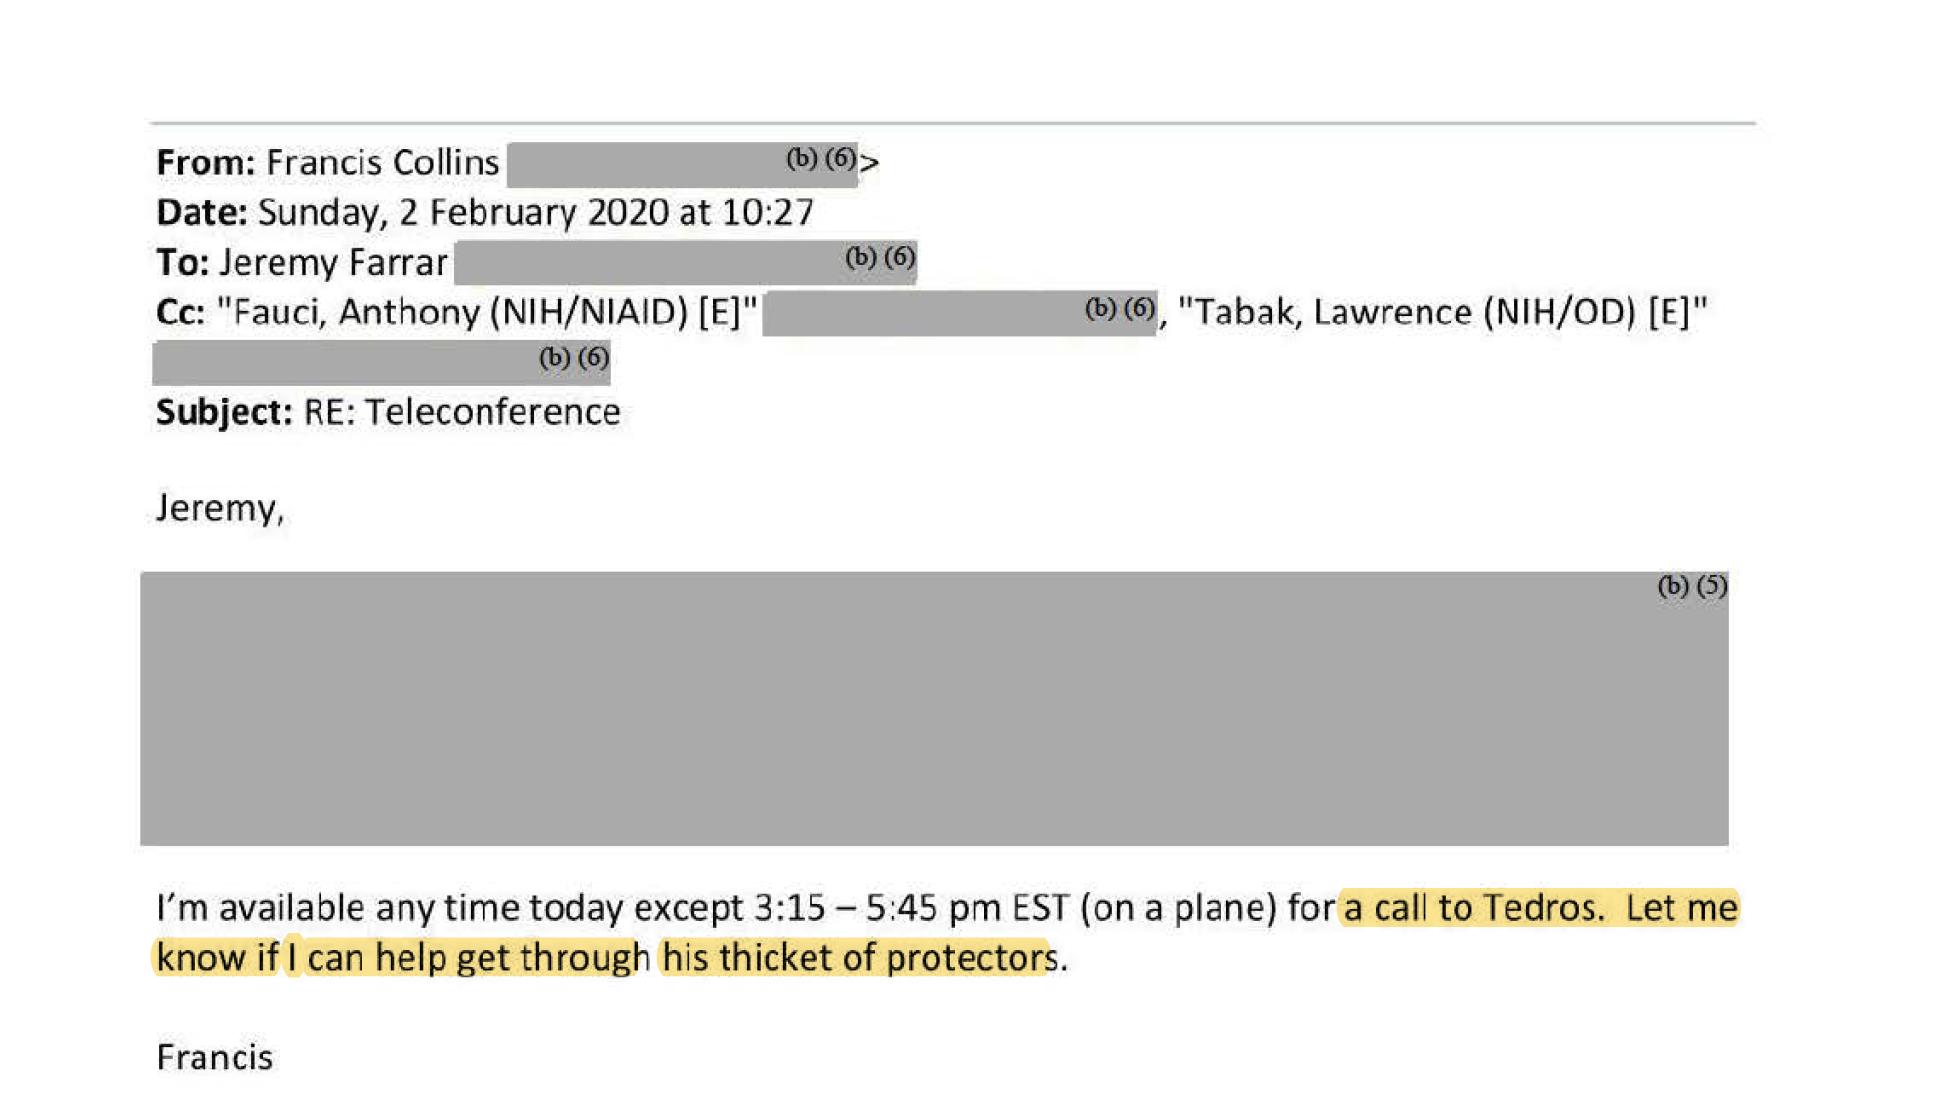 圖六:NIH負責人柯林斯(Collins)稱他可以「與譚德塞通話」,並寫道:「告訴我,如果我能夠幫助打通他的層層保護關卡。」(福奇電郵截圖)